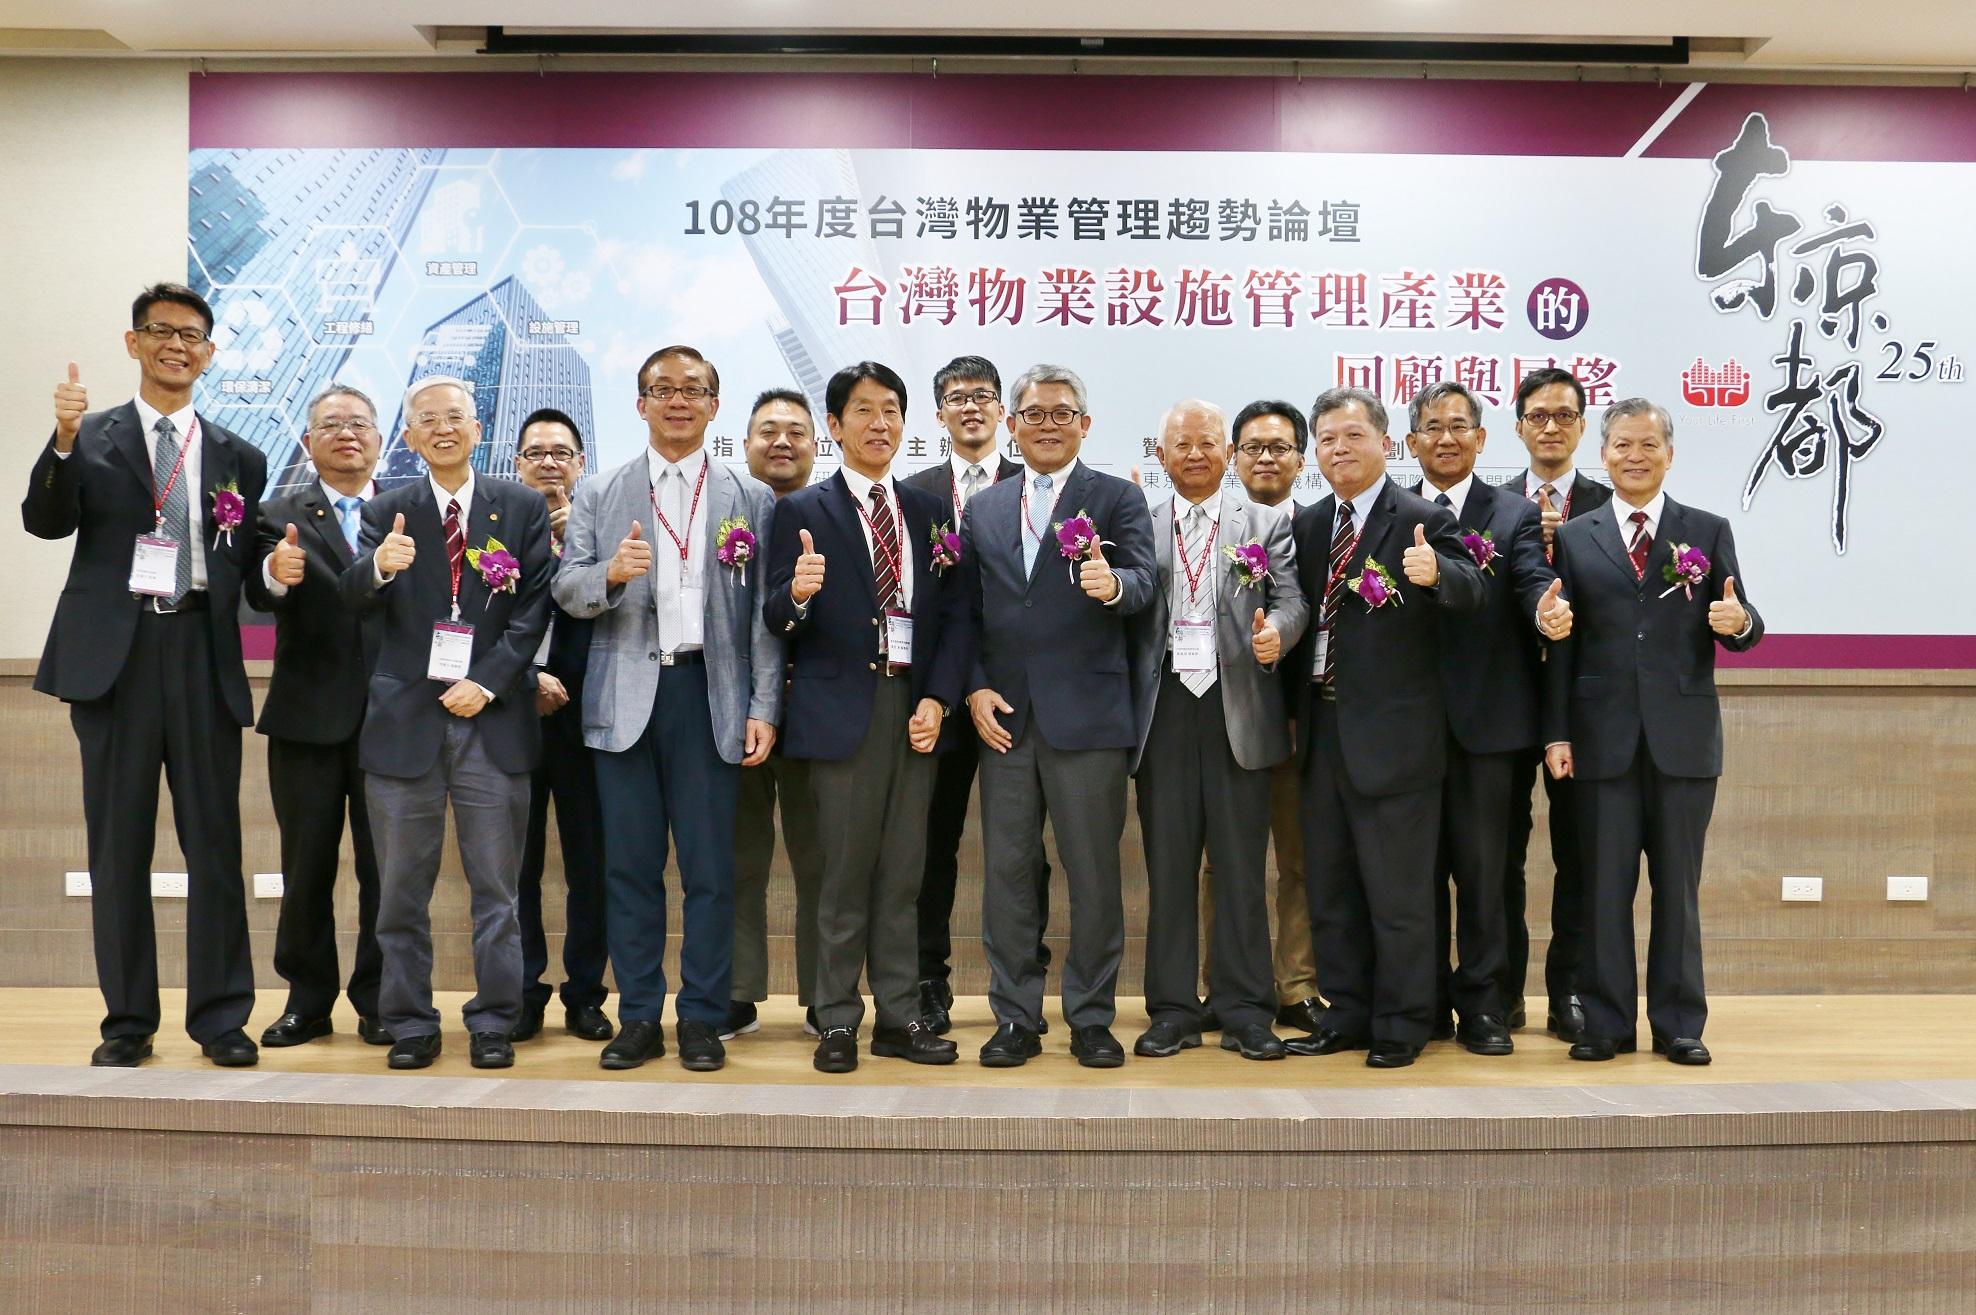 「108年度台灣物業管理趨勢論壇」活動順利圓滿!